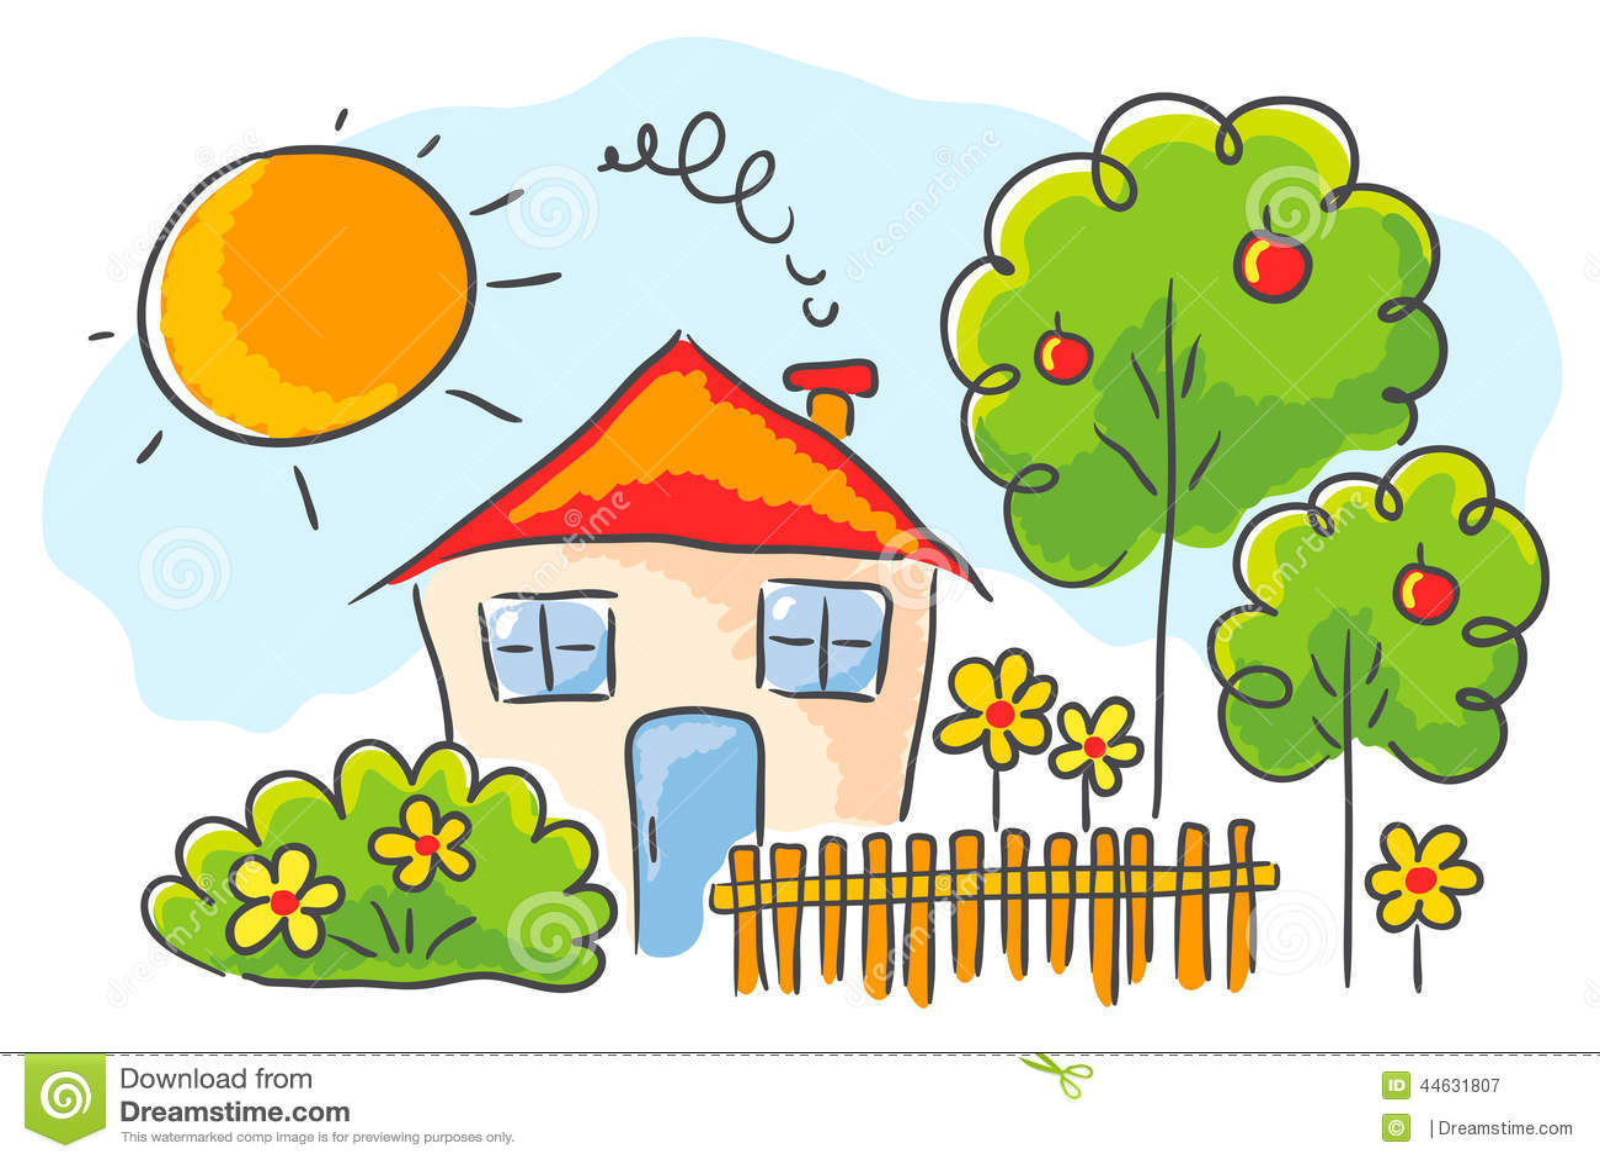 Disegno del s del bambino di una casa illustrazione for Disegni di casa compatti